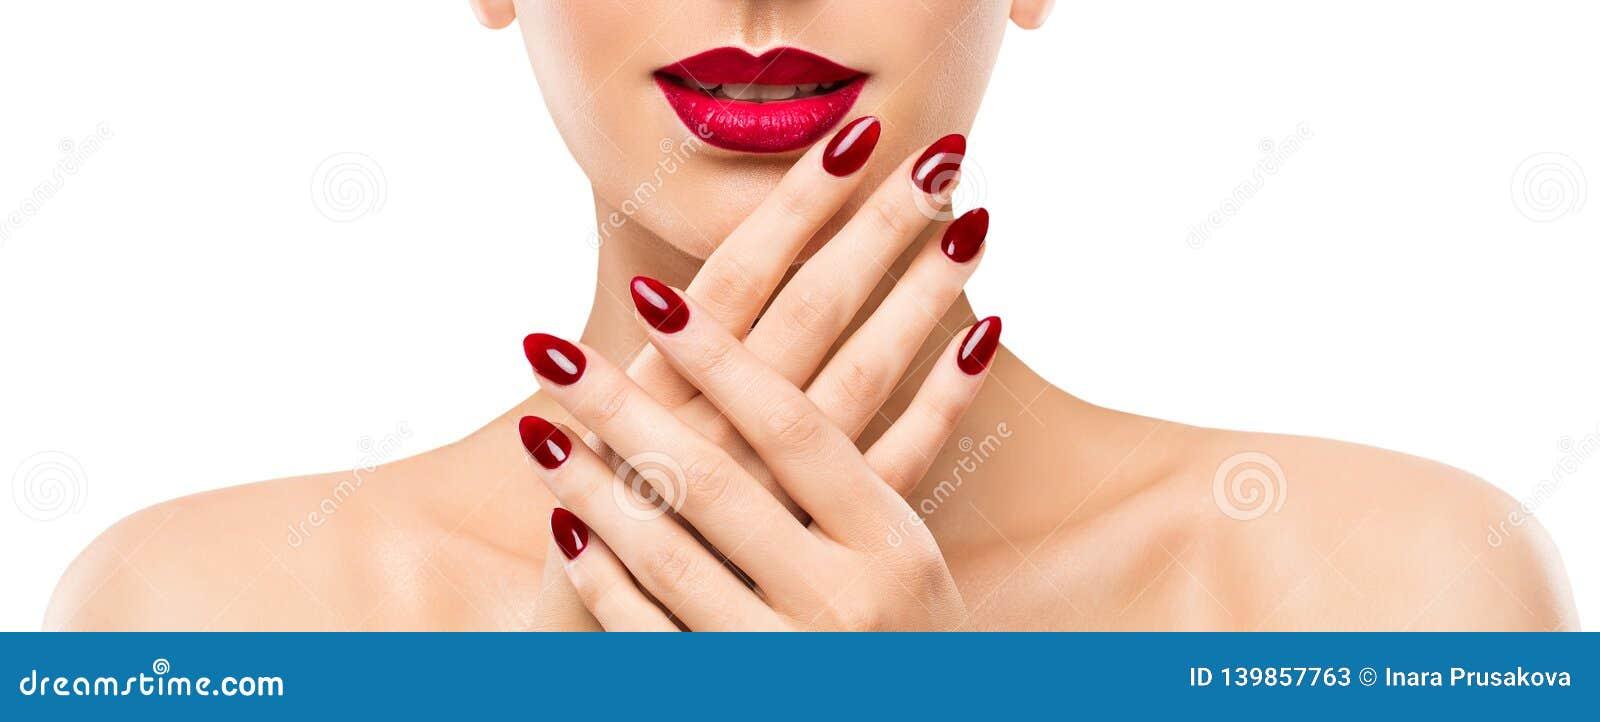 Kobiety piękna warg gwoździe, Piękny Wzorcowy twarzy pomadki Makeup, Czerwony manicure u połysk